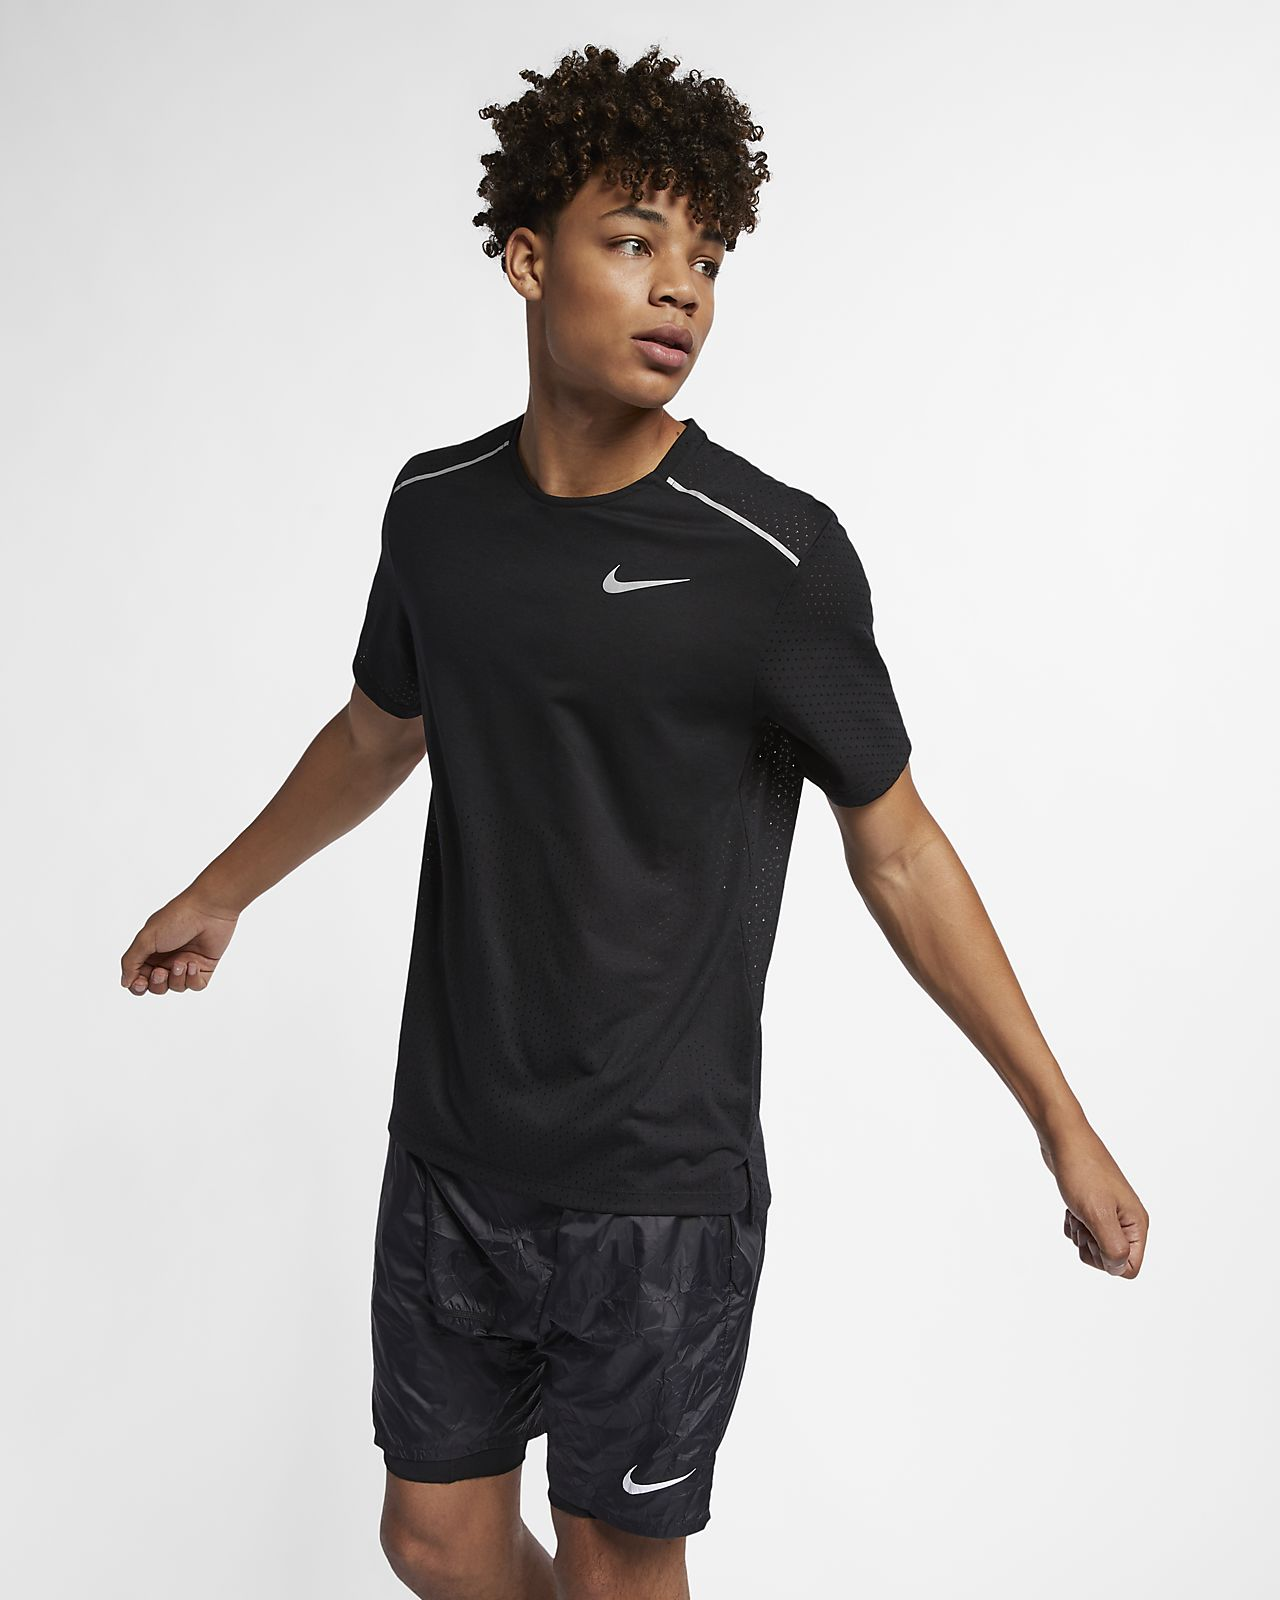 เสื้อวิ่งแขนสั้นผู้ชาย Nike Rise 365